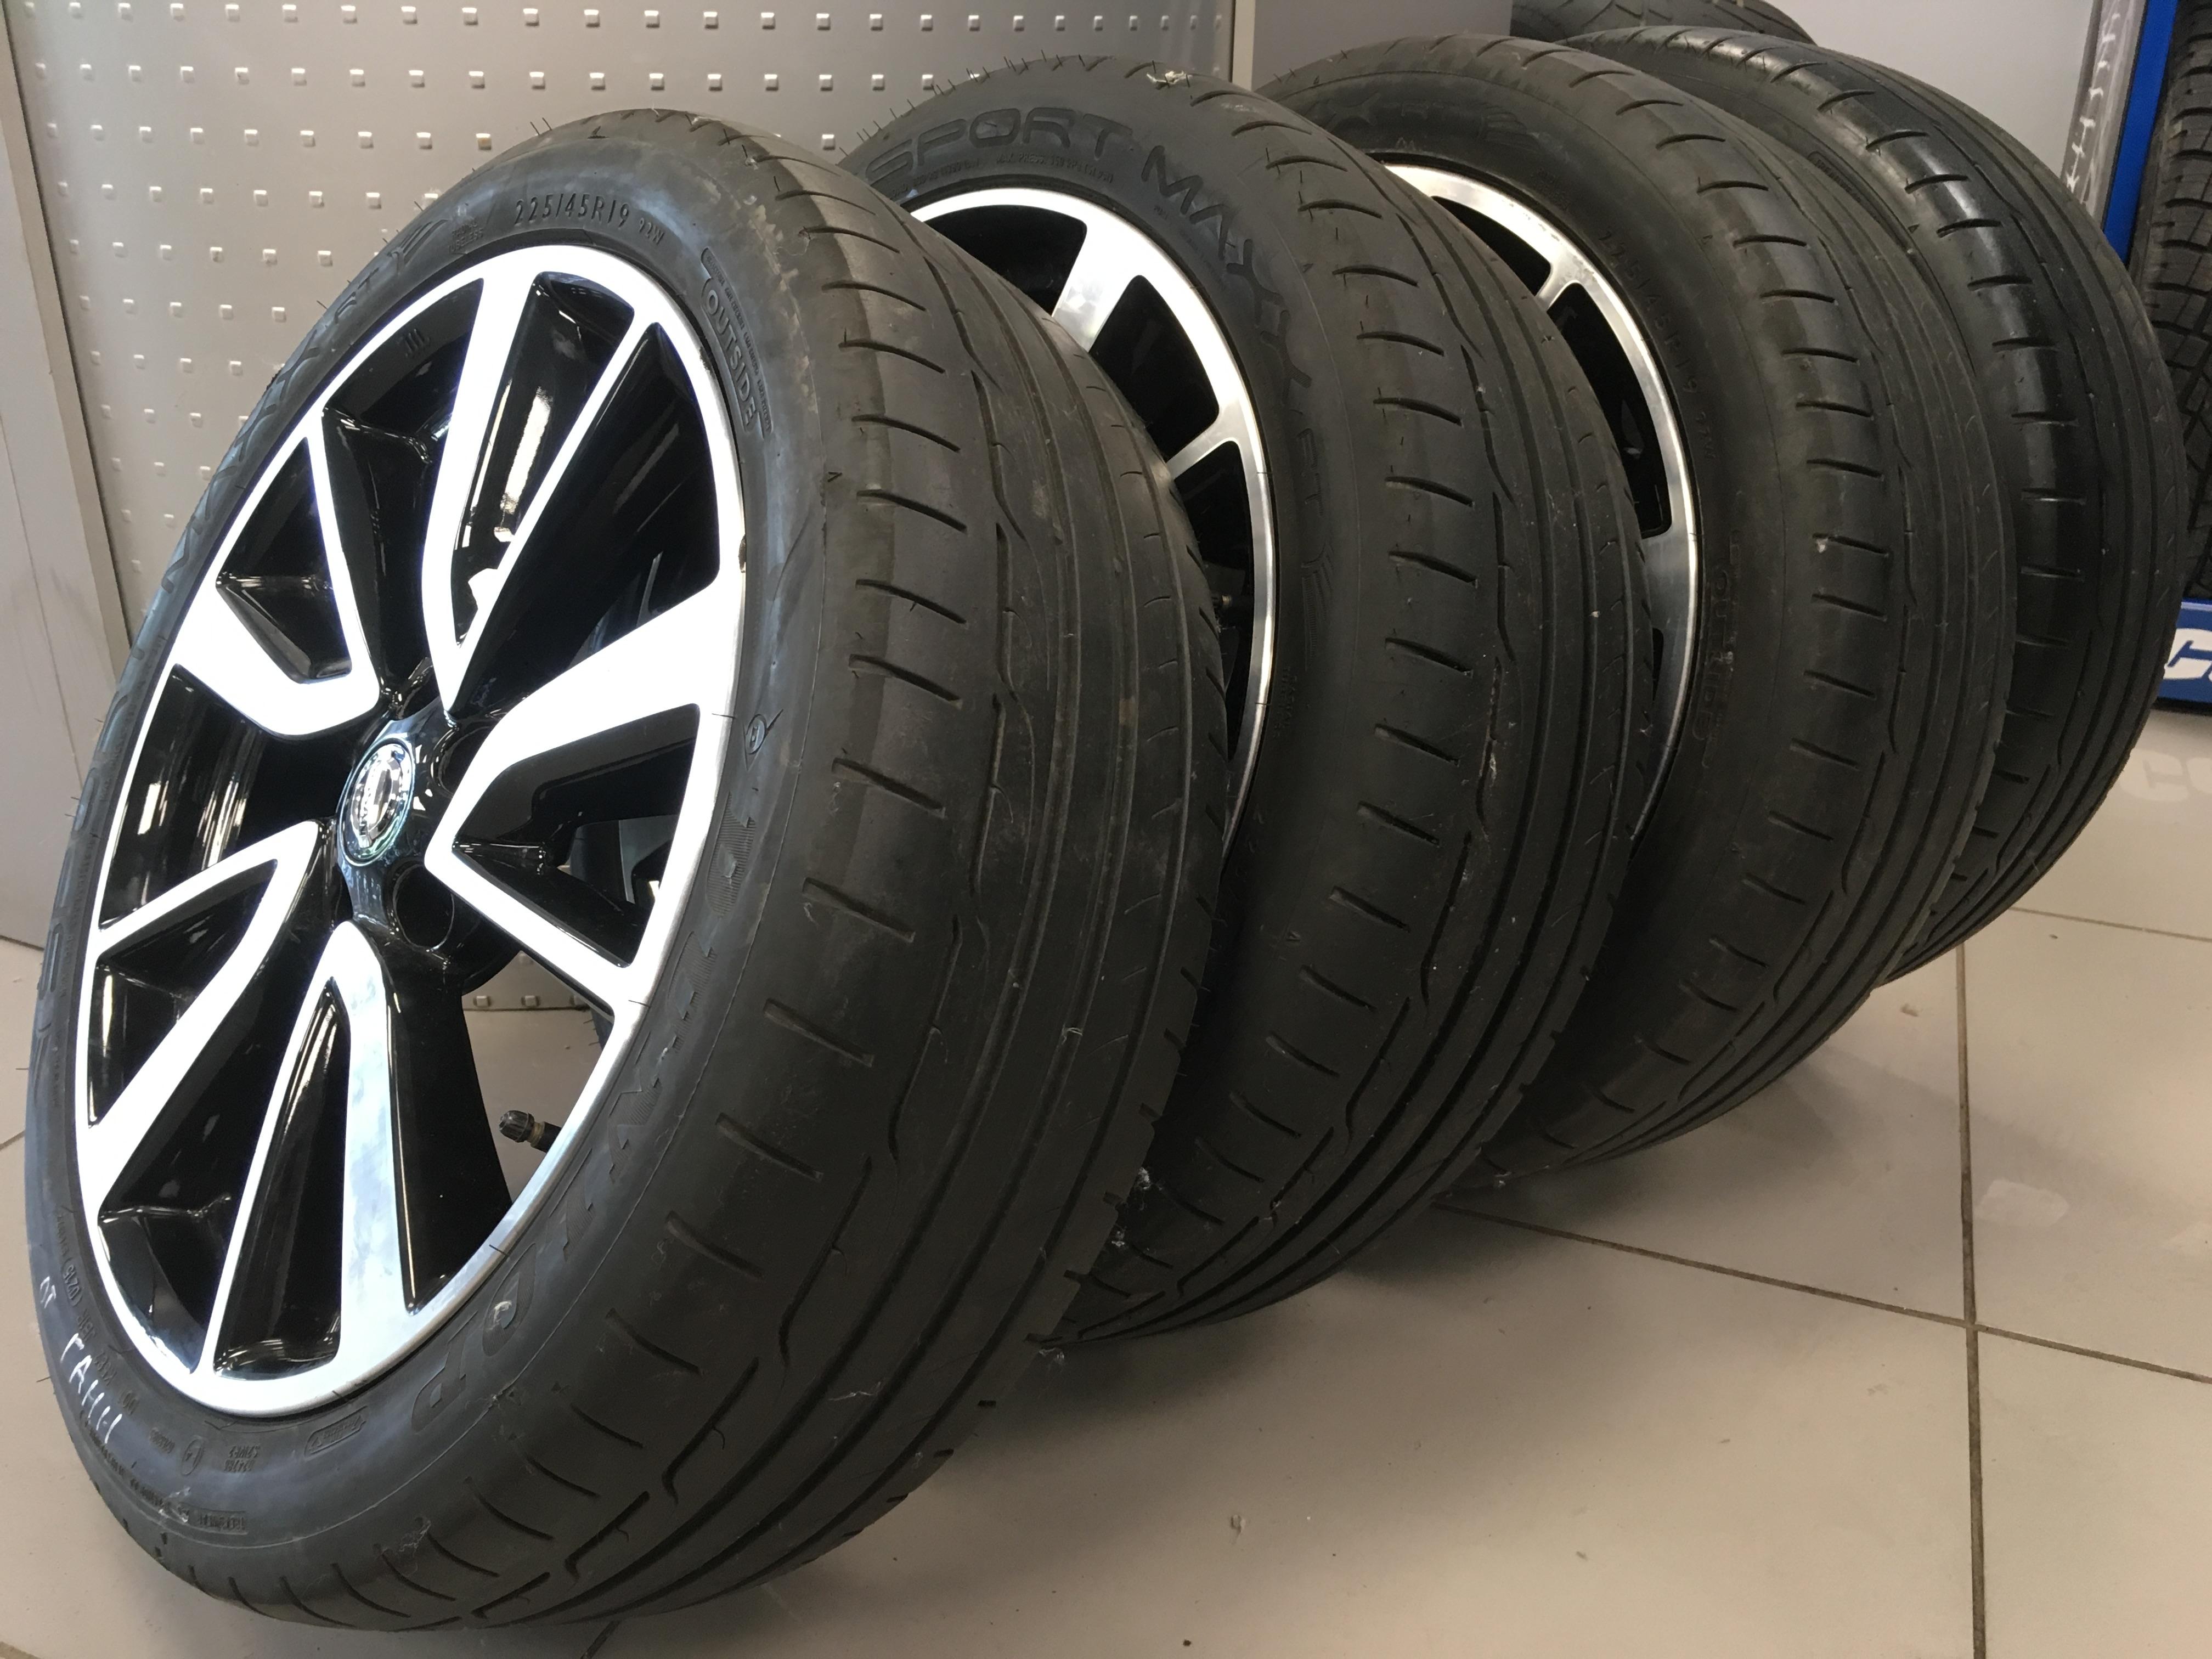 Dunlop / 225/45R19 Dunlop Sport Max на литых дисках